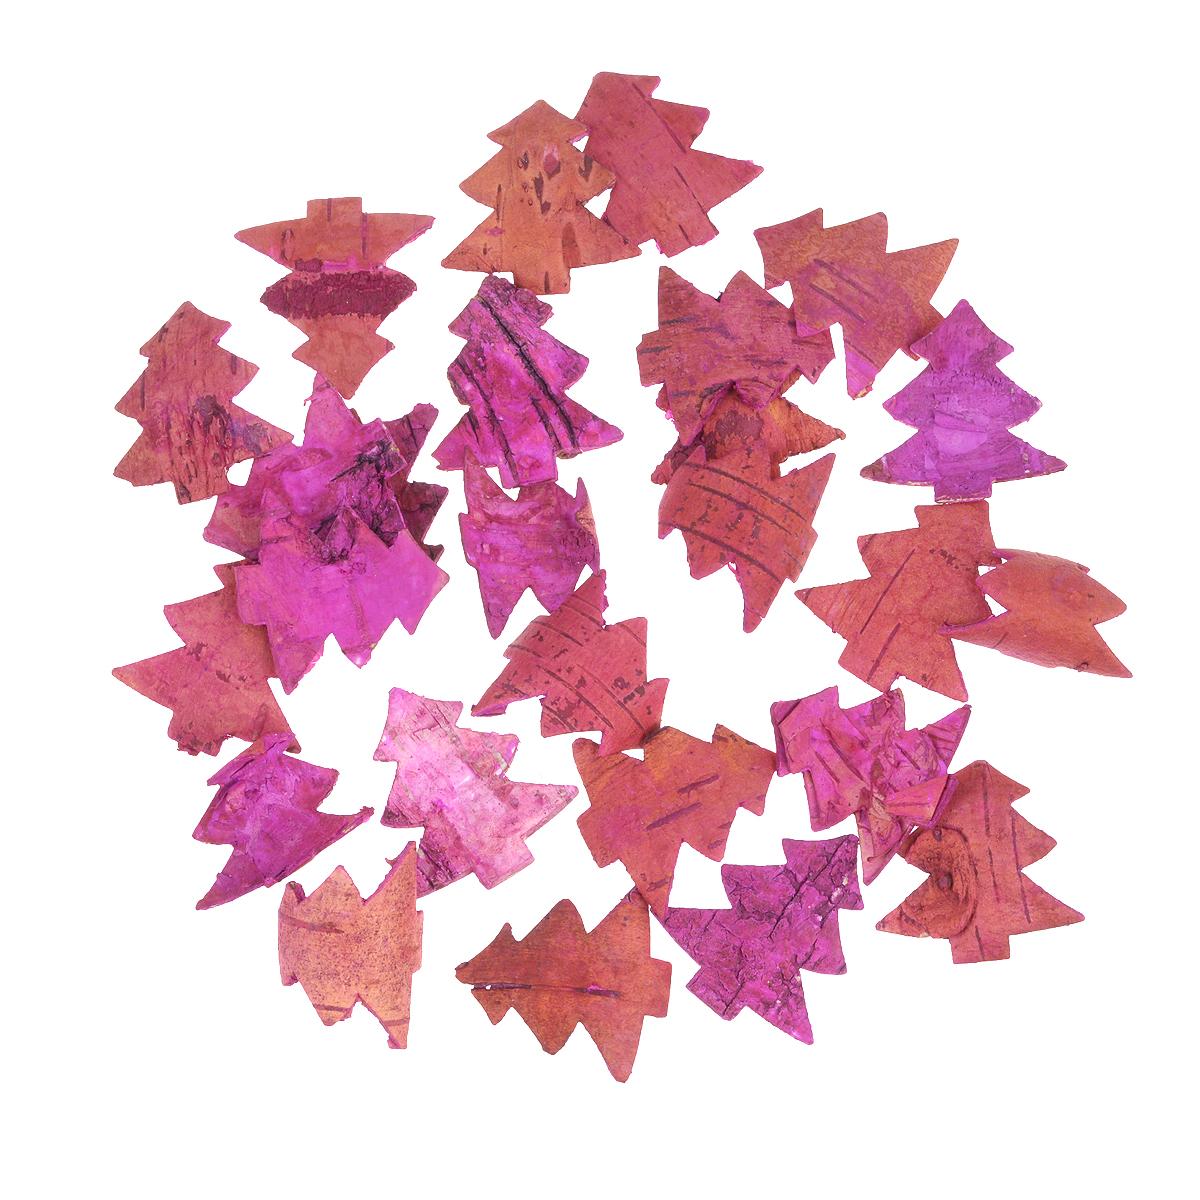 Декоративный элемент Dongjiang Art Елка, цвет: розовый, 25 шт7709017Декоративный элемент Dongjiang Art Елка, изготовленный из натуральной коры дерева, предназначен для украшения цветочных композиций. Изделие можно также использовать в технике скрапбукинг и многом другом. Флористика - вид декоративно-прикладного искусства, который использует живые, засушенные или консервированные природные материалы для создания флористических работ. Это целый мир, в котором есть место и строгому математическому расчету, и вдохновению.